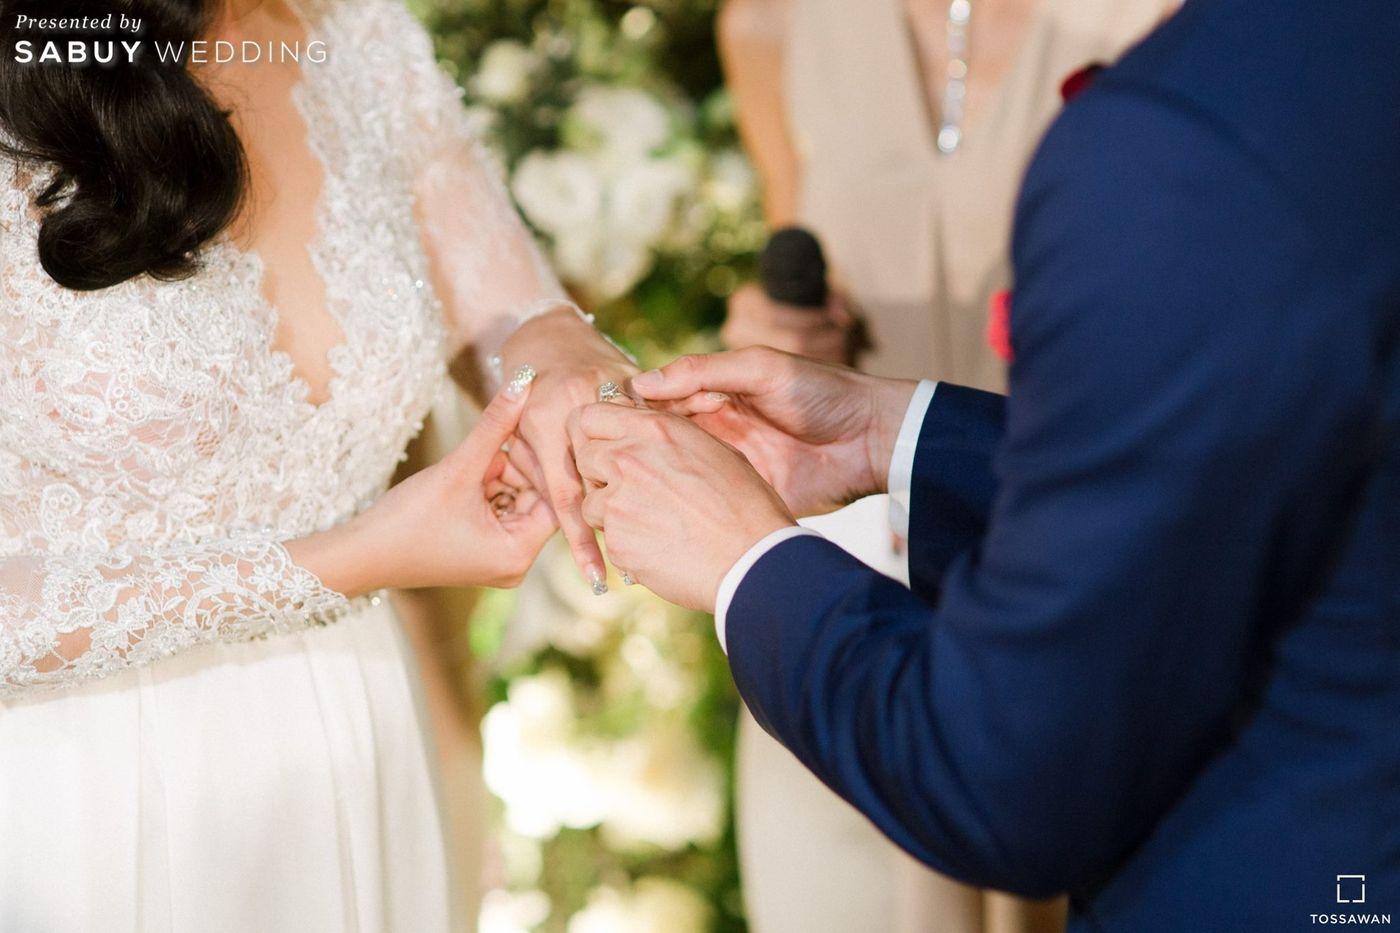 พิธีแต่งงาน,ชุดเจ้าสาว รีวิวงานแต่ง Long Table สไตล์ฝรั่ง ในสถานที่สุดคลาสสิก @The House on Sathorn